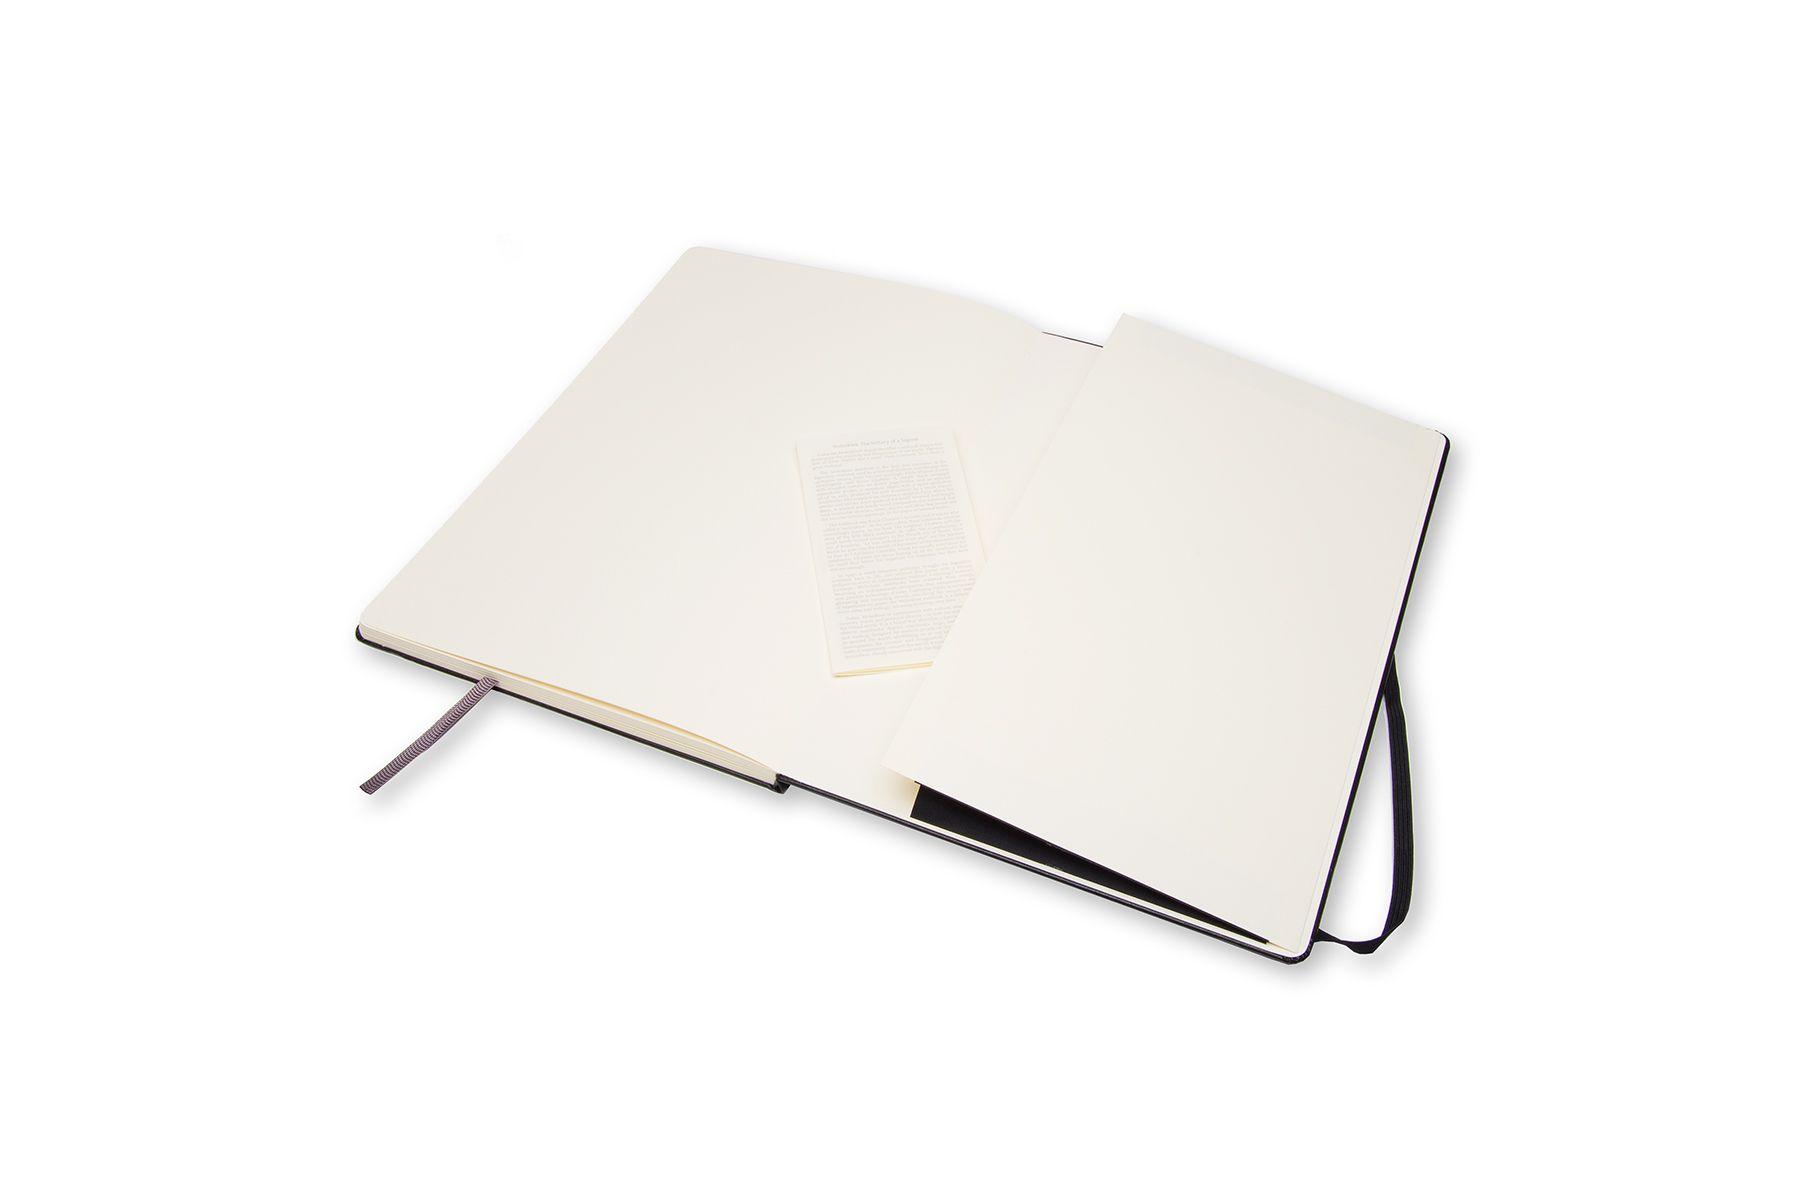 Caderno de Esboços Moleskine Clássico, Preto, Capa Dura, Sem Pauta, A4